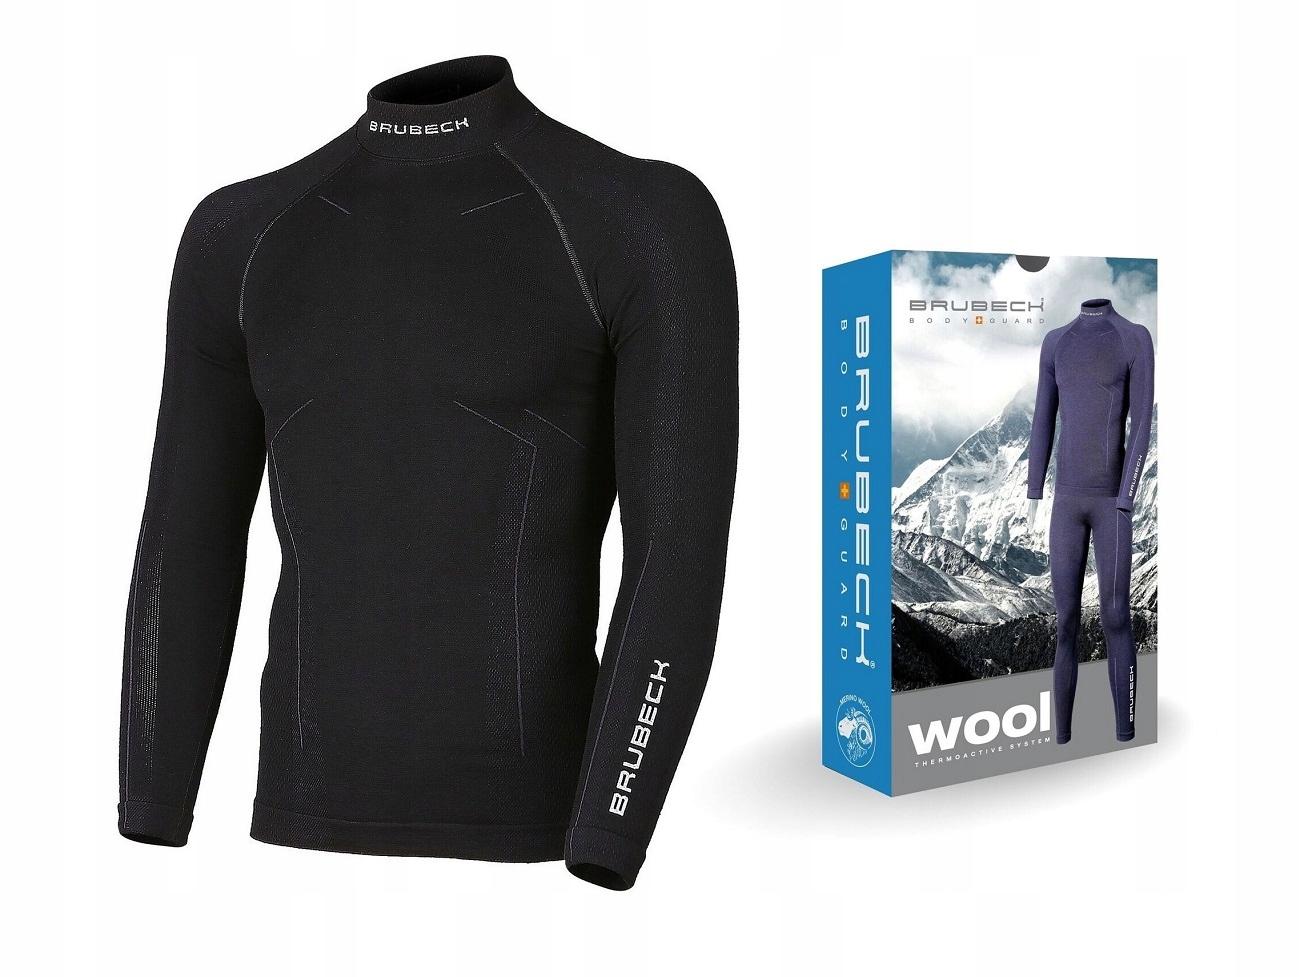 de96c51124cd60 L- Brubeck Merino Wool MEN koszulka termoaktywna - 6971974768 ...